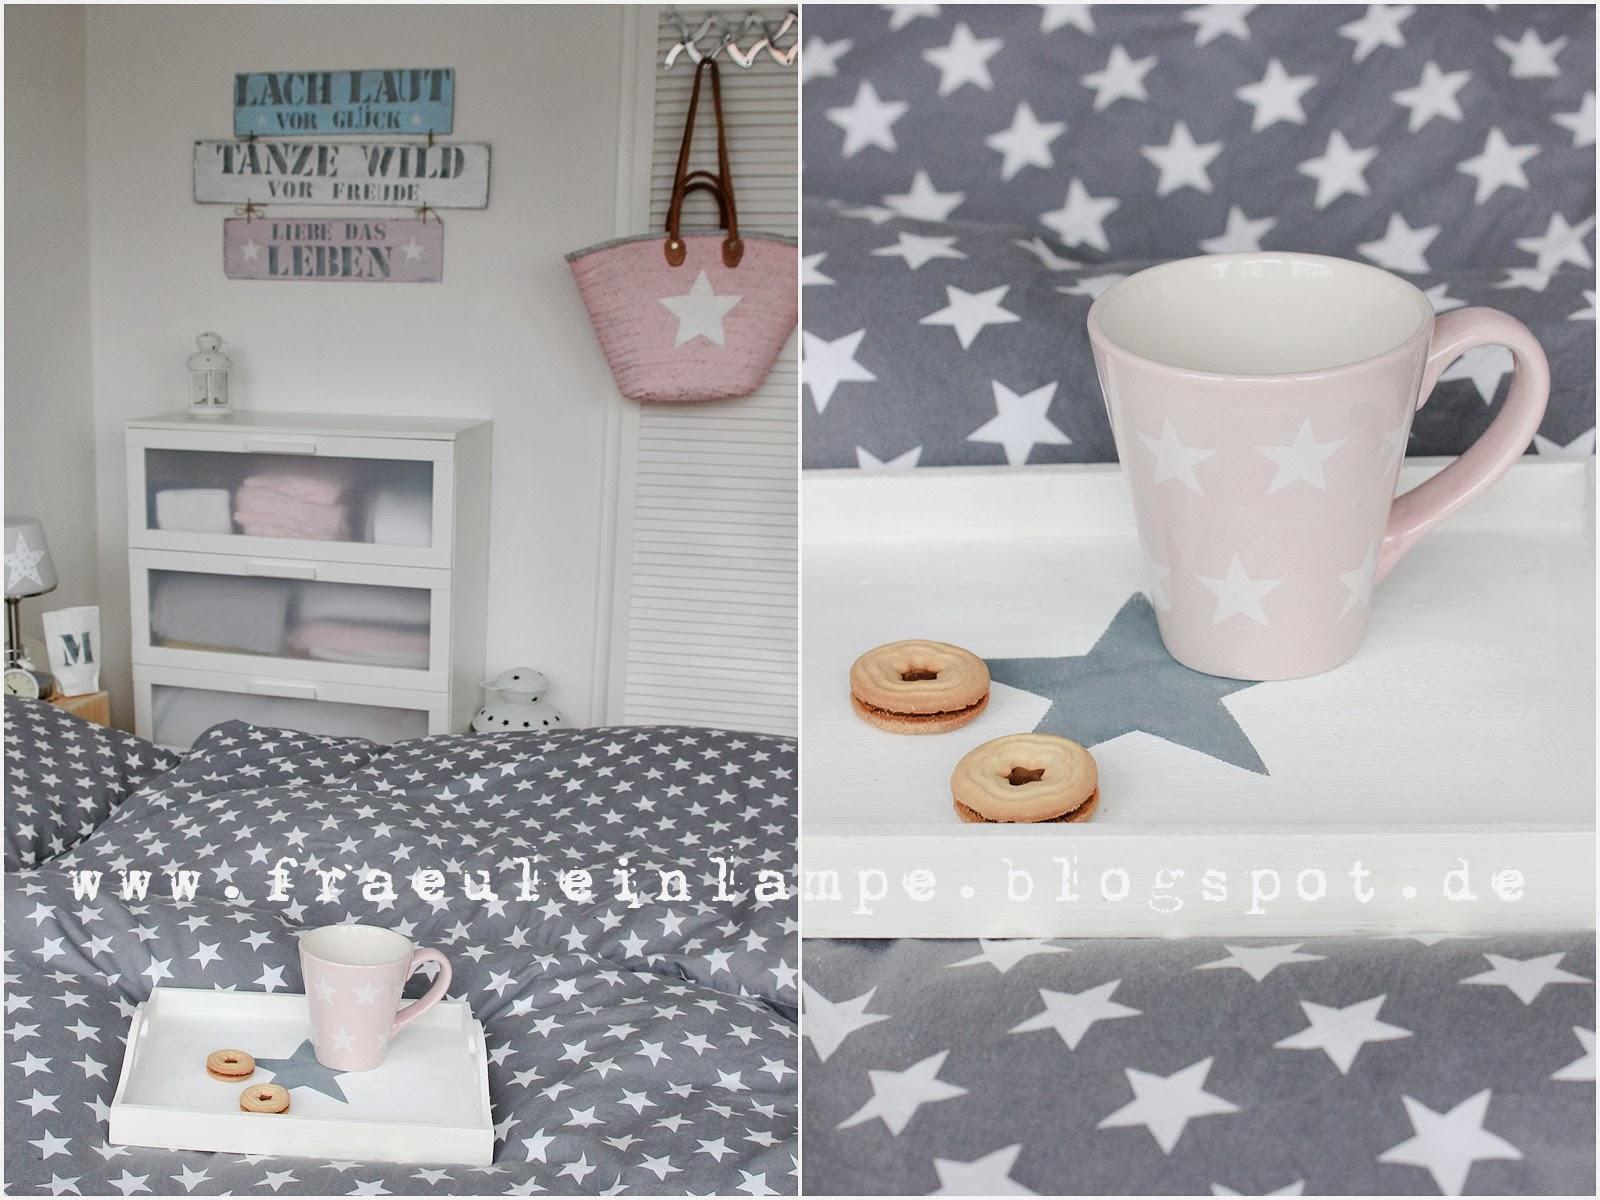 Schlafzimmerblick Und Gewinner